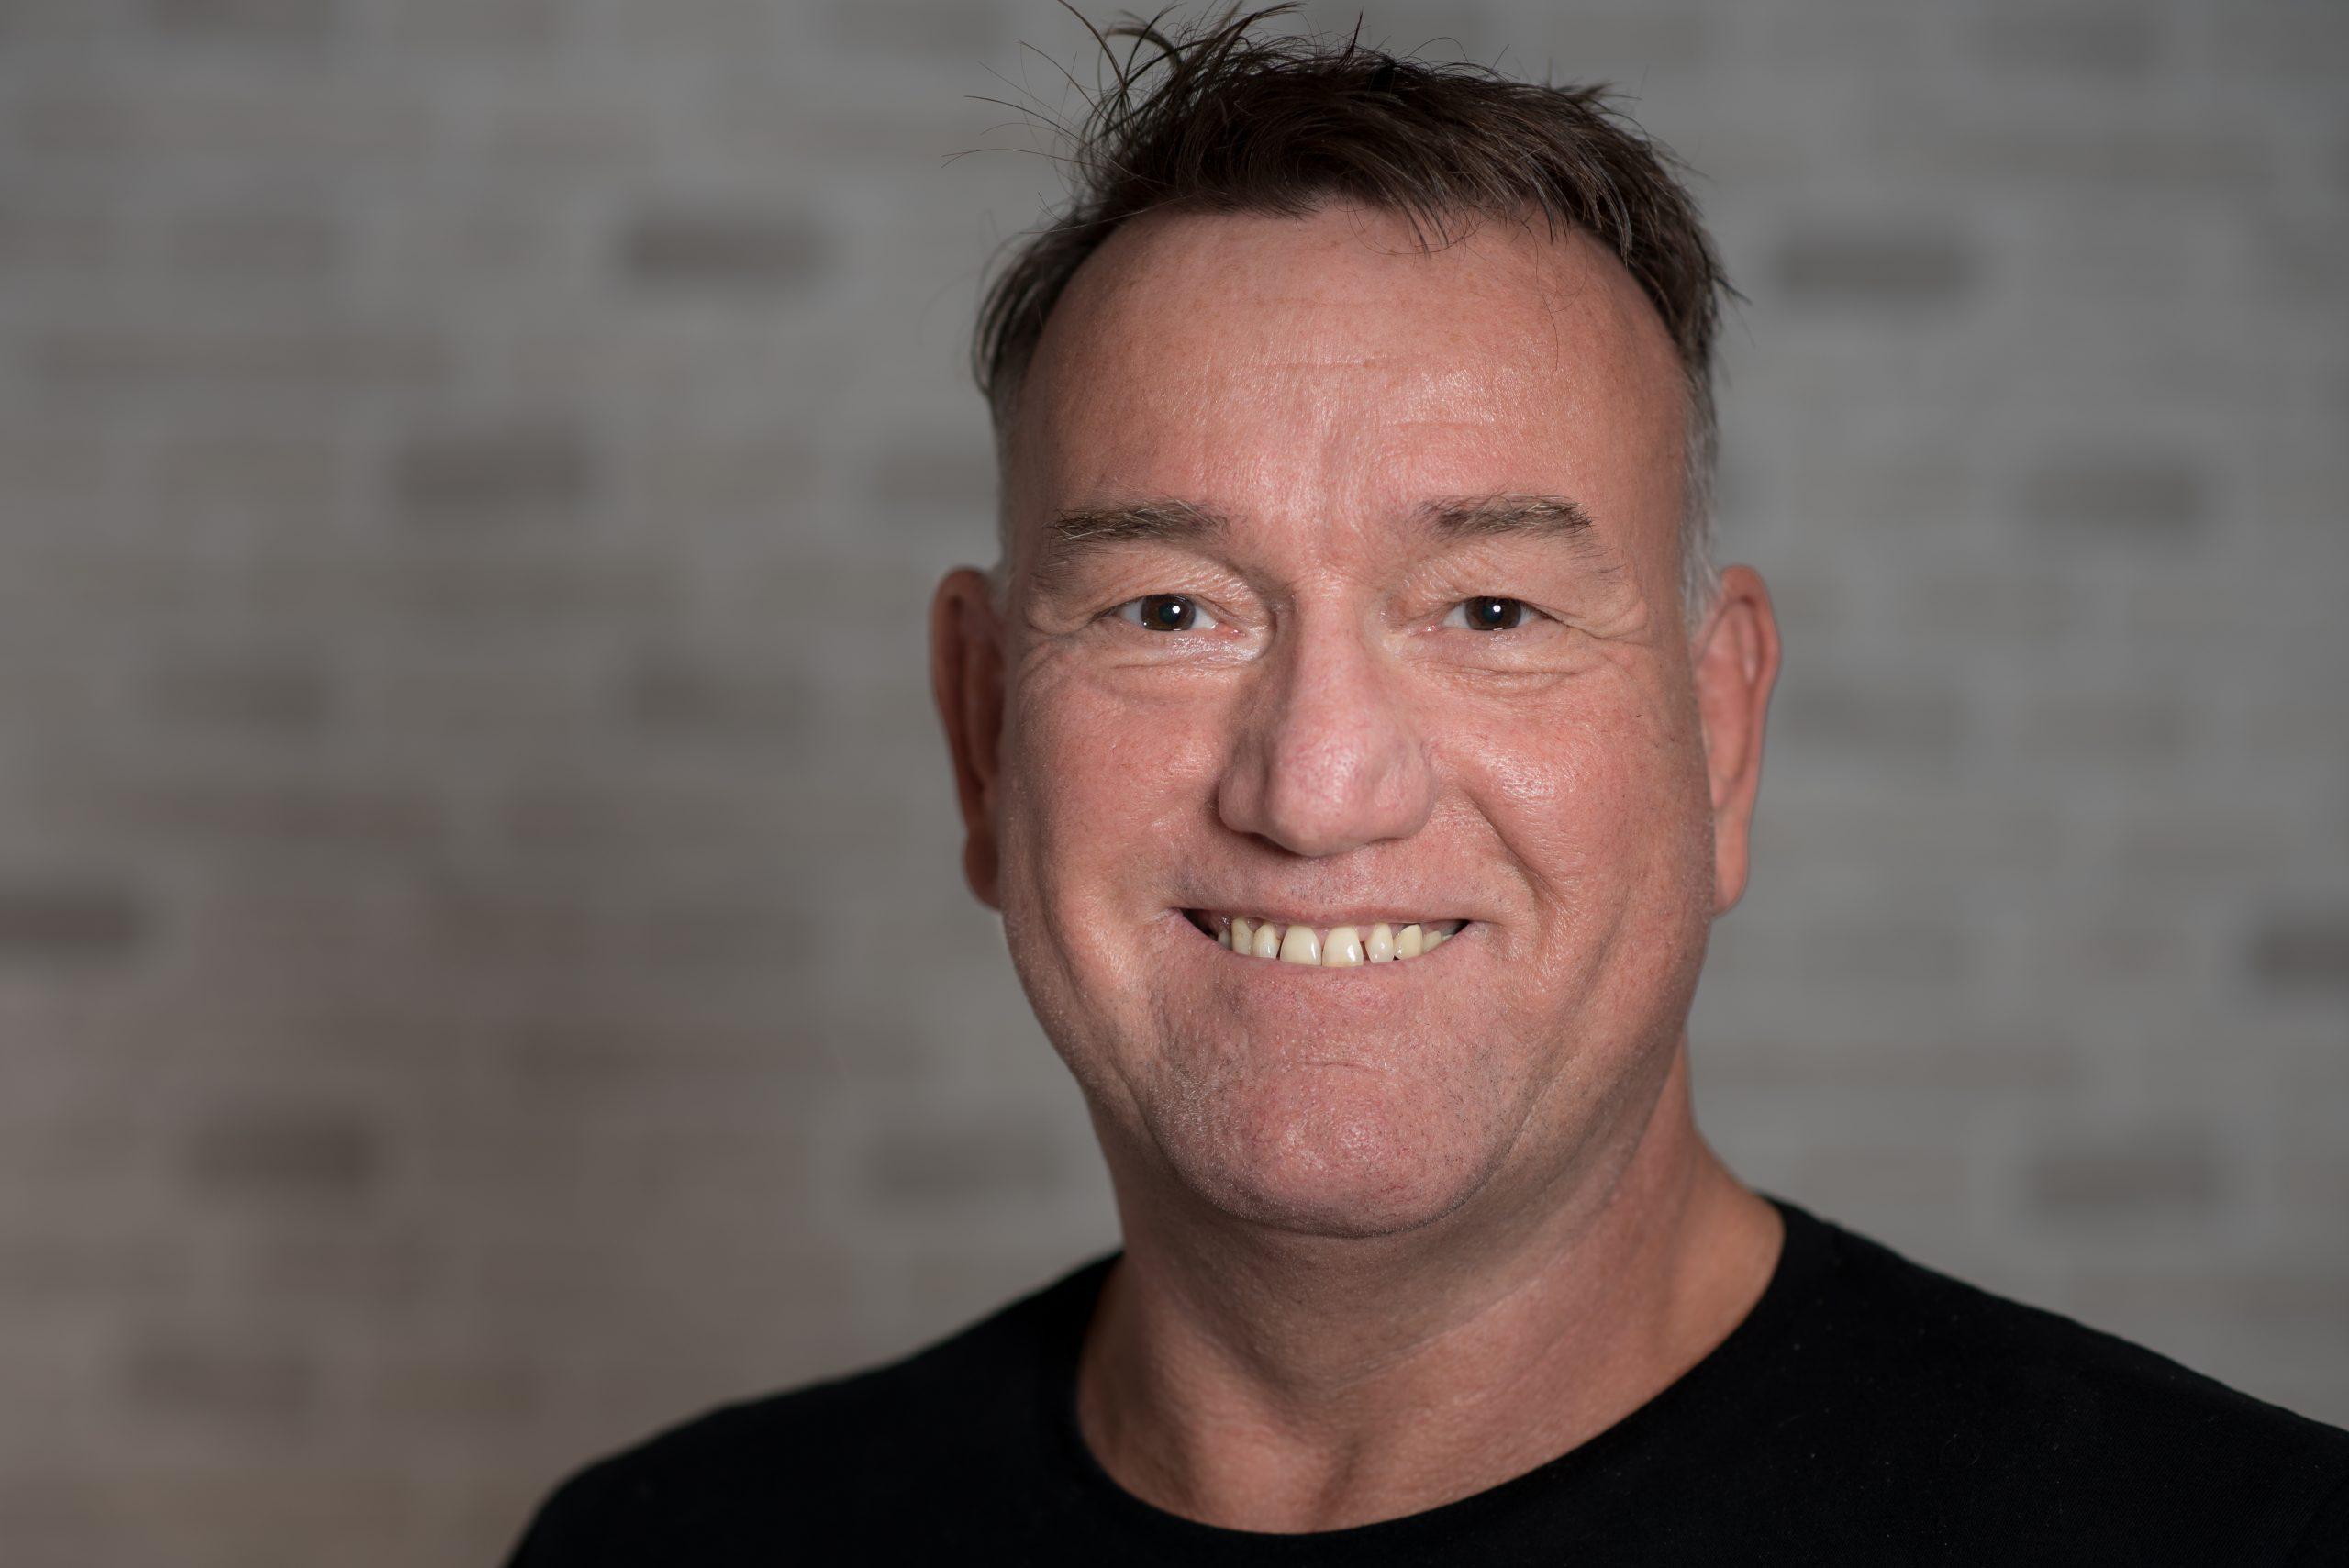 Jörn Svensson